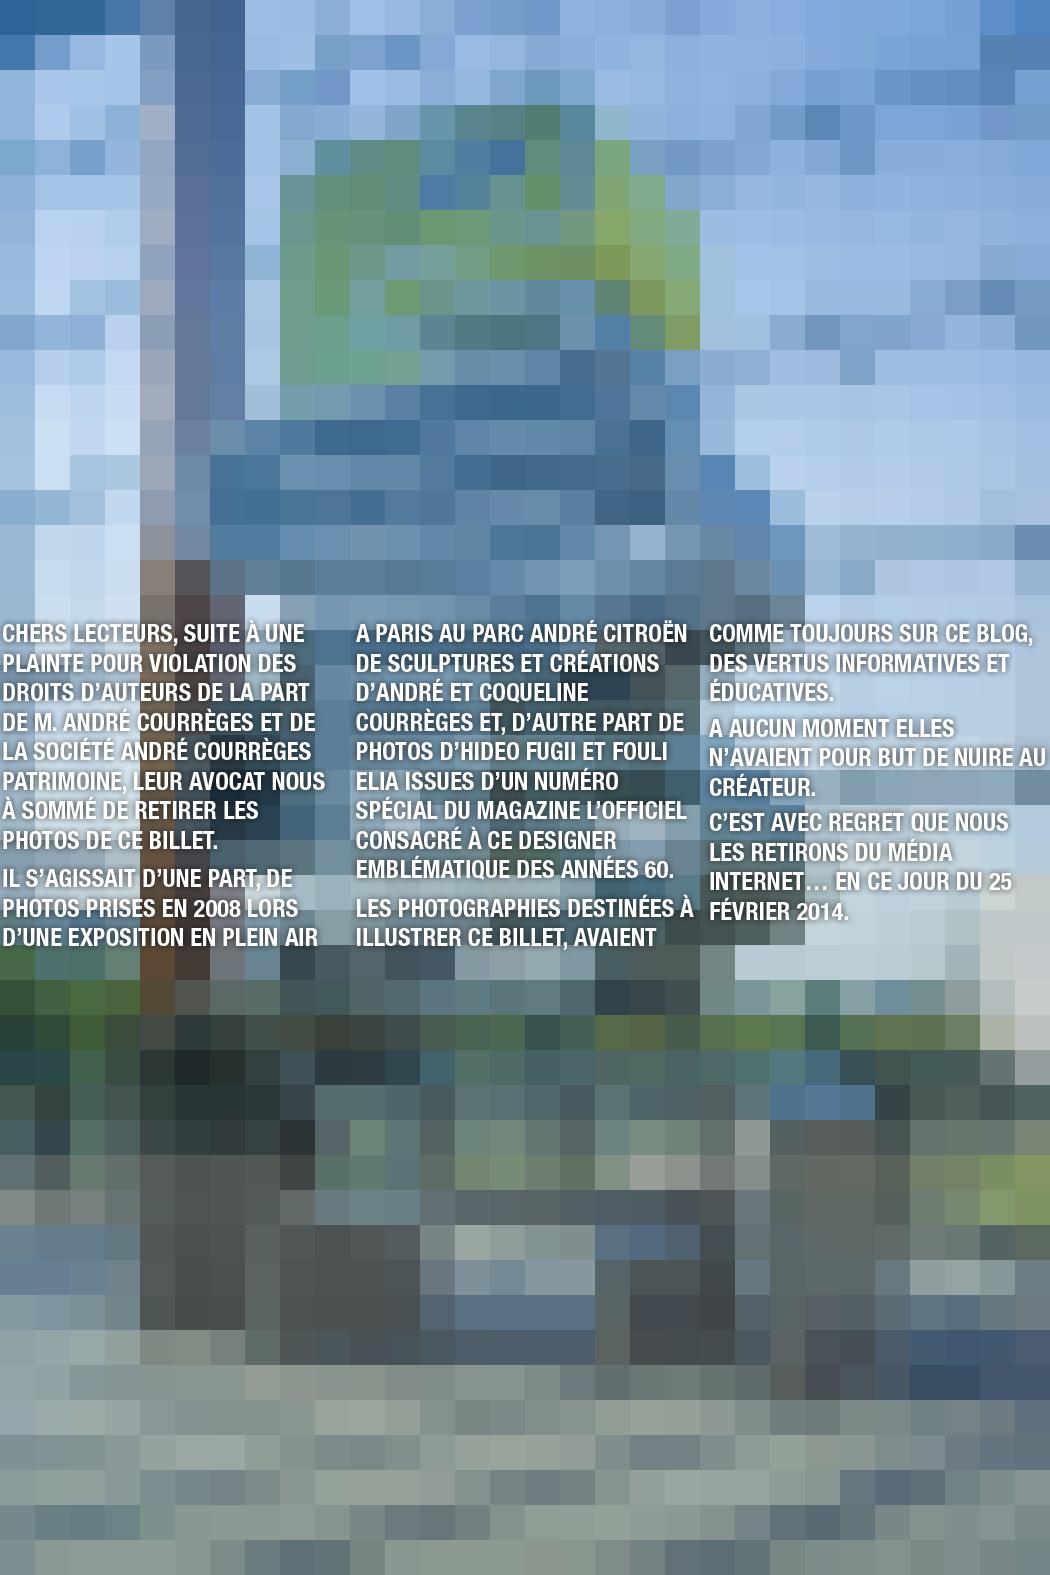 courreges-7 copie